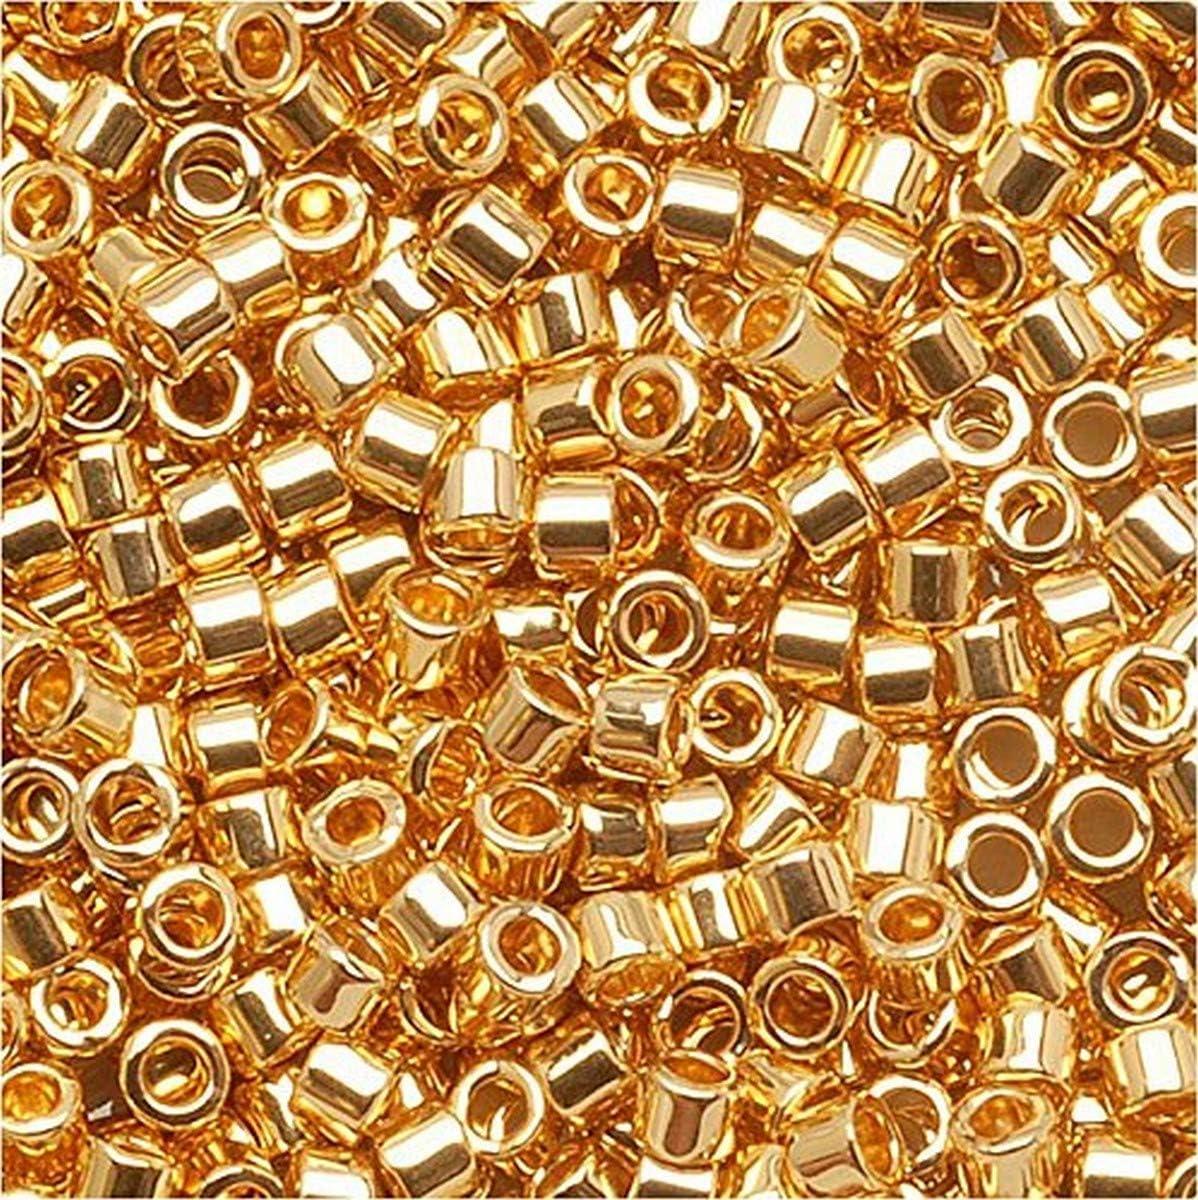 Seed Beads 11-2020 Miyuki Seed Beads 110 Matte Metallic Green Iris 10 grams  diy beads